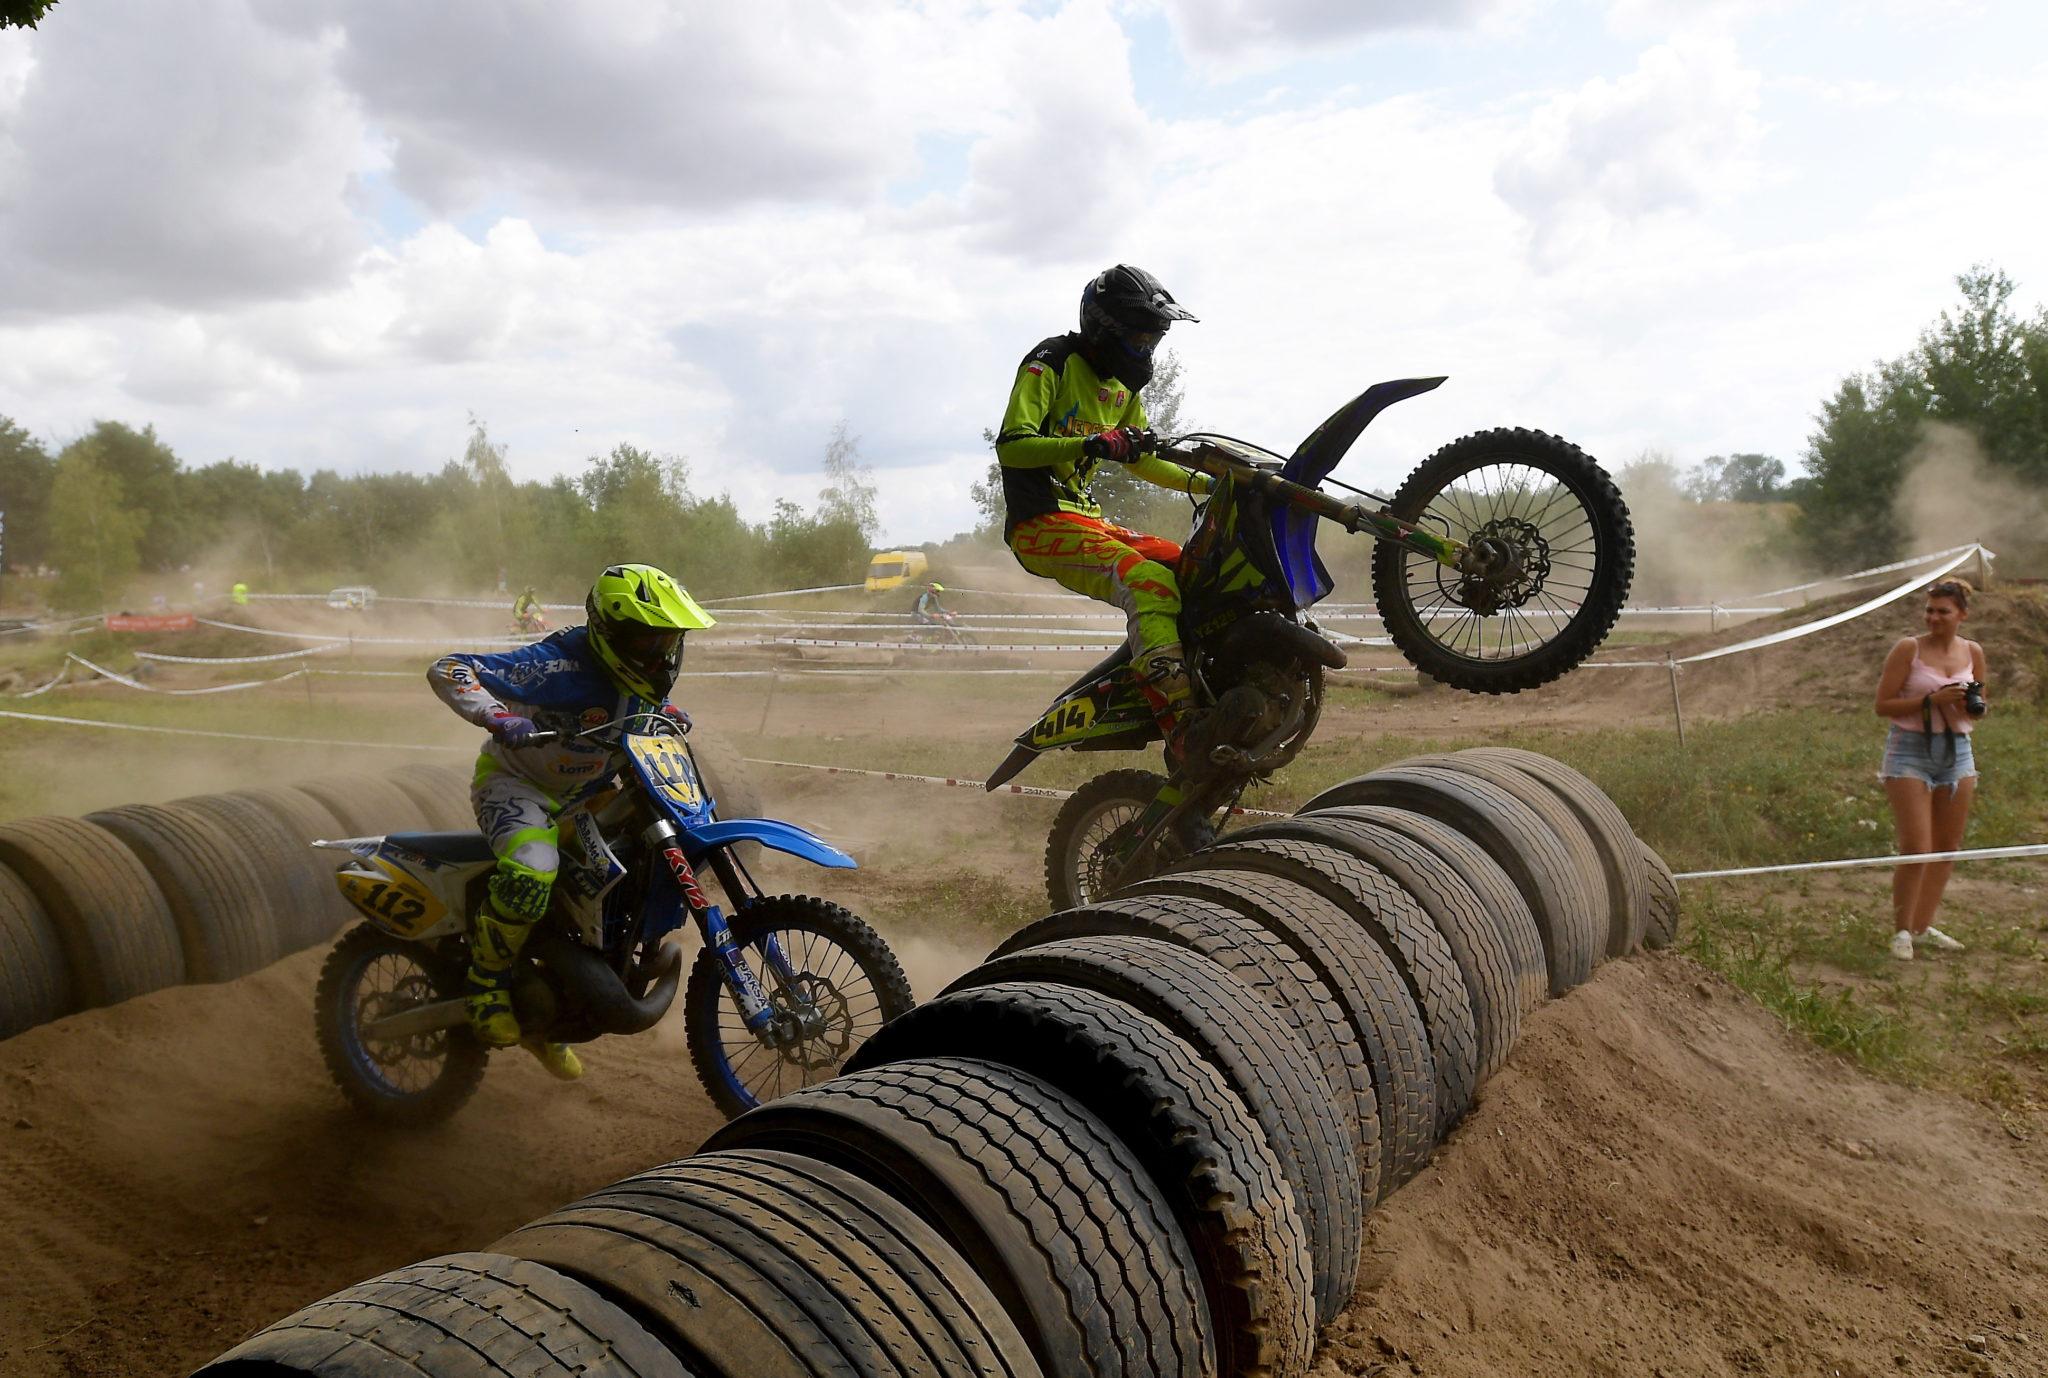 Zawody mistrzostw Polski i Pucharu Polski w motocyklowym Super Enduro, w Stargardzie, fot. Marcin Bielecki, PAP